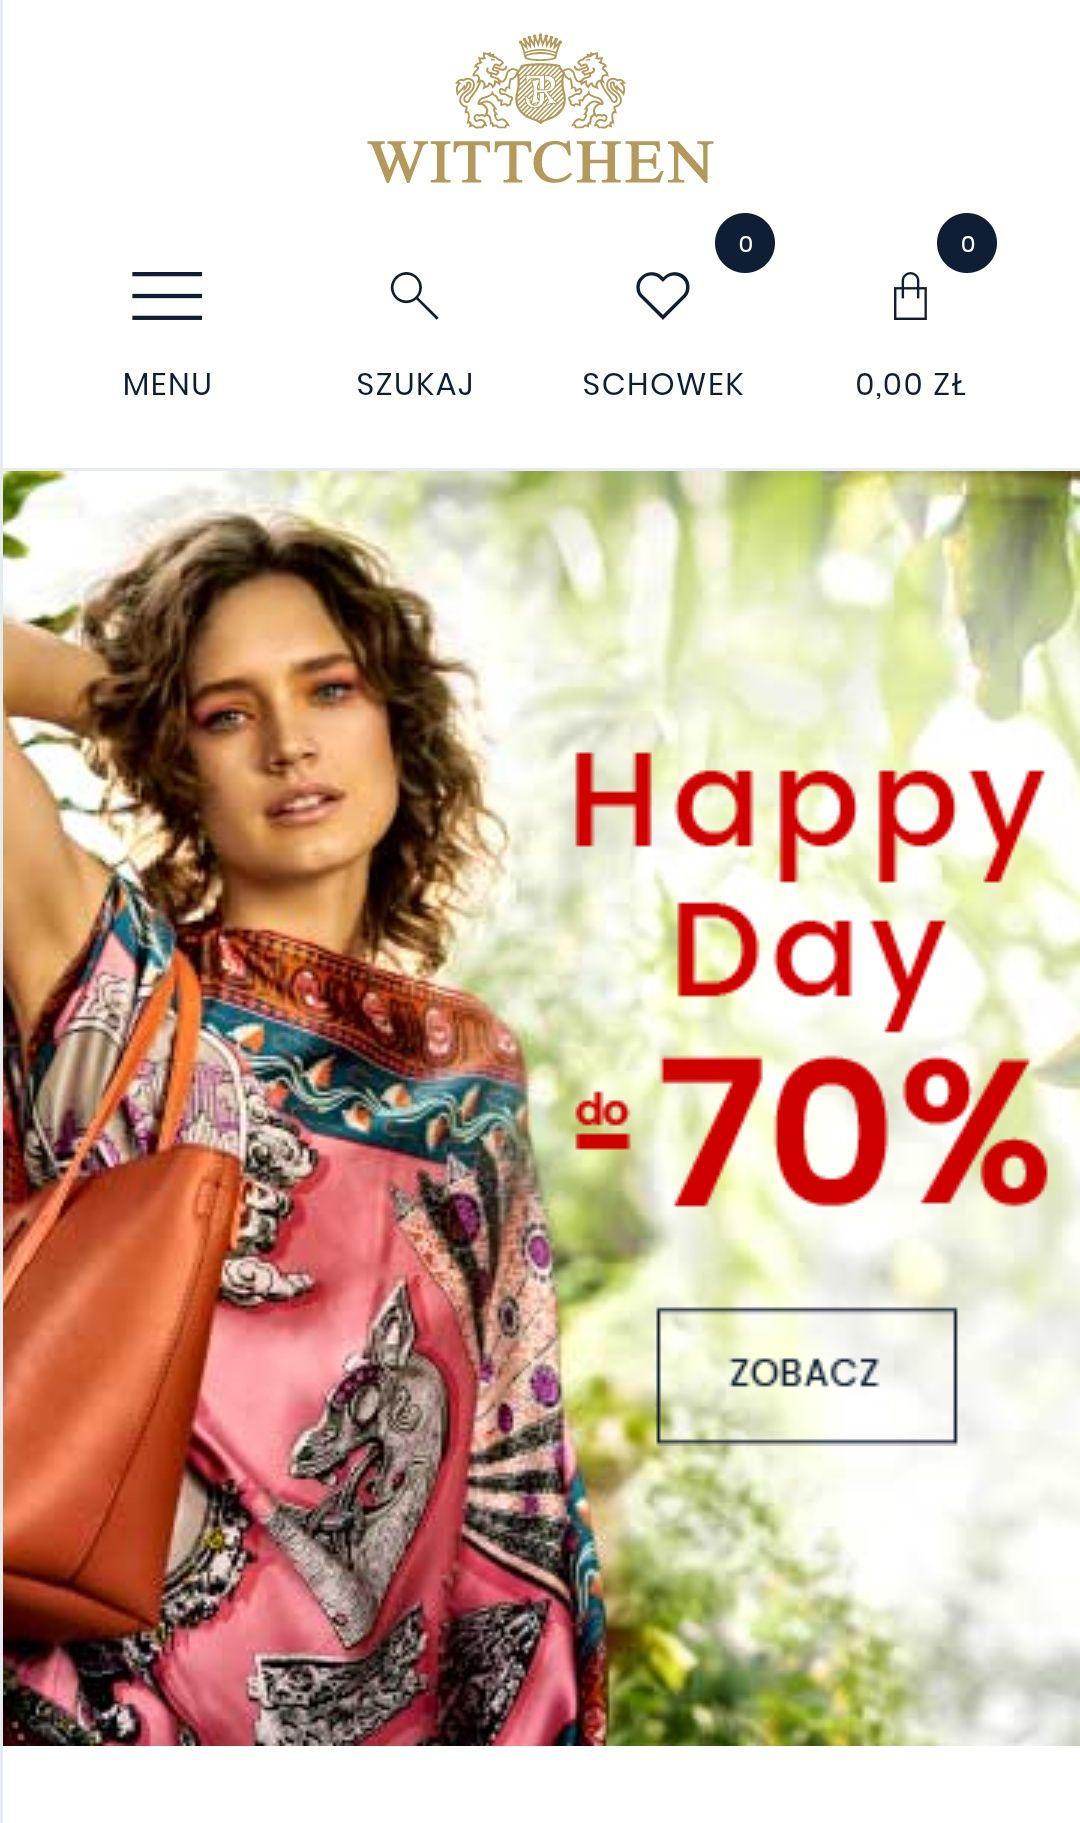 Happy day -70%